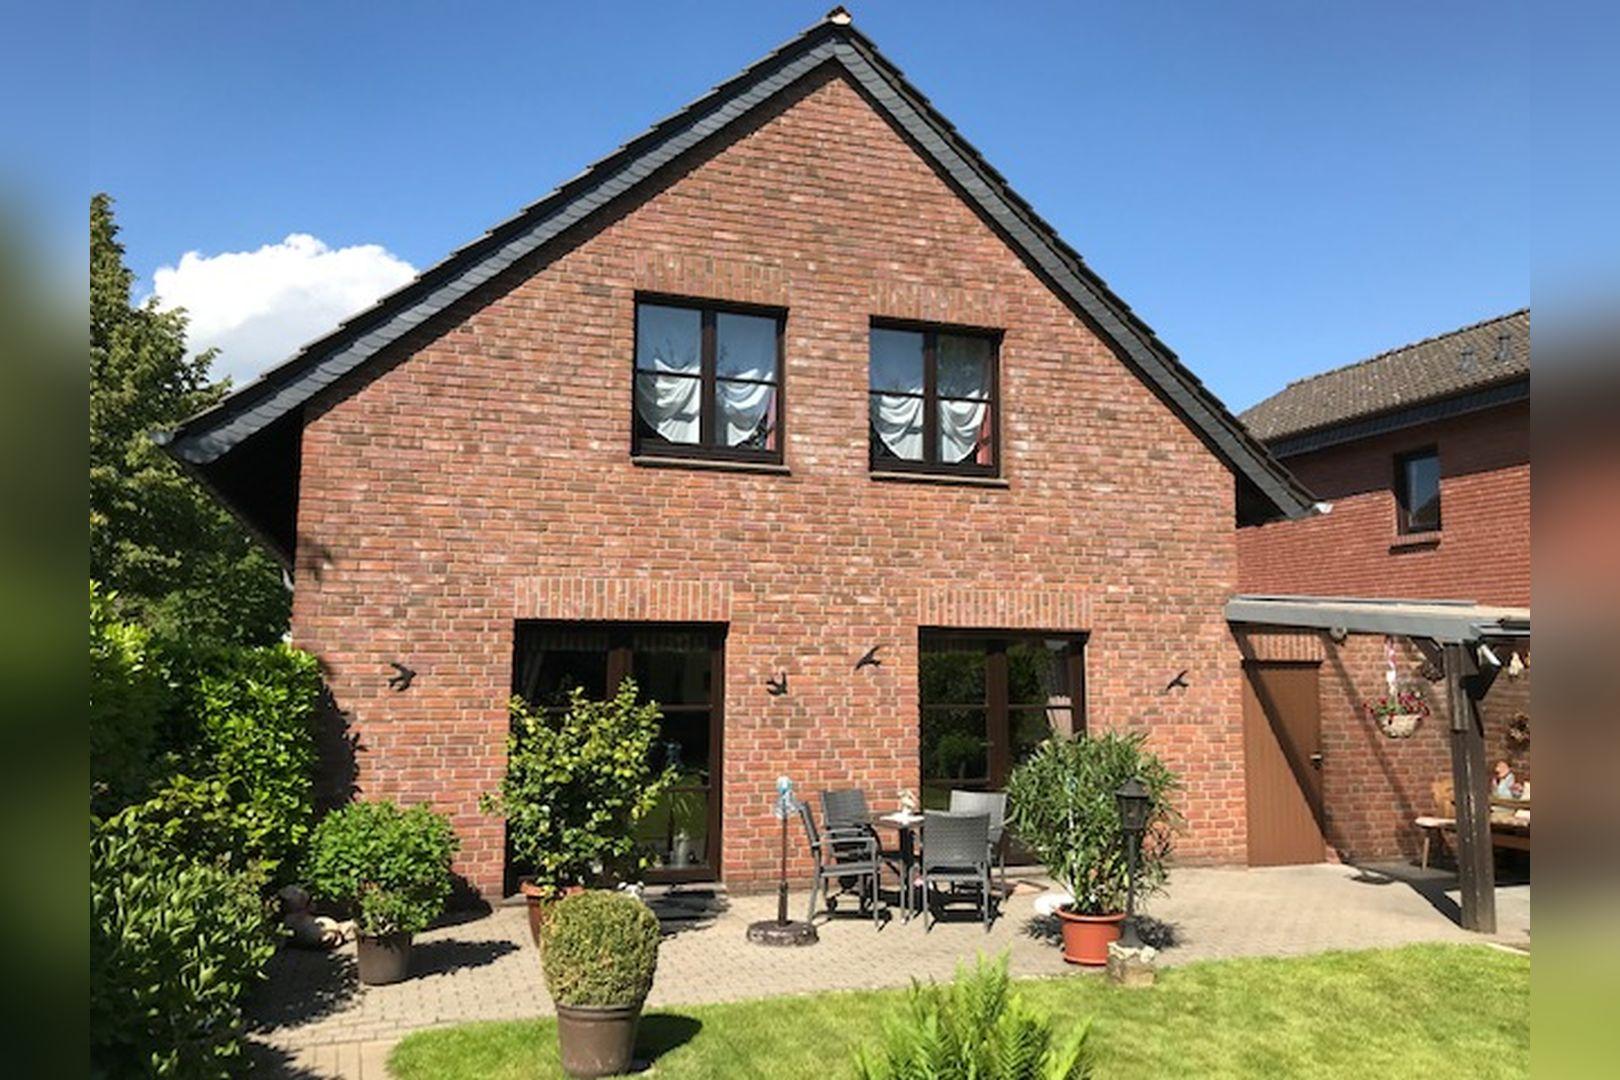 Immobilie Nr.0259 - Freistehendes EFH mit Vollkeller und Garage - Bild 2.jpg